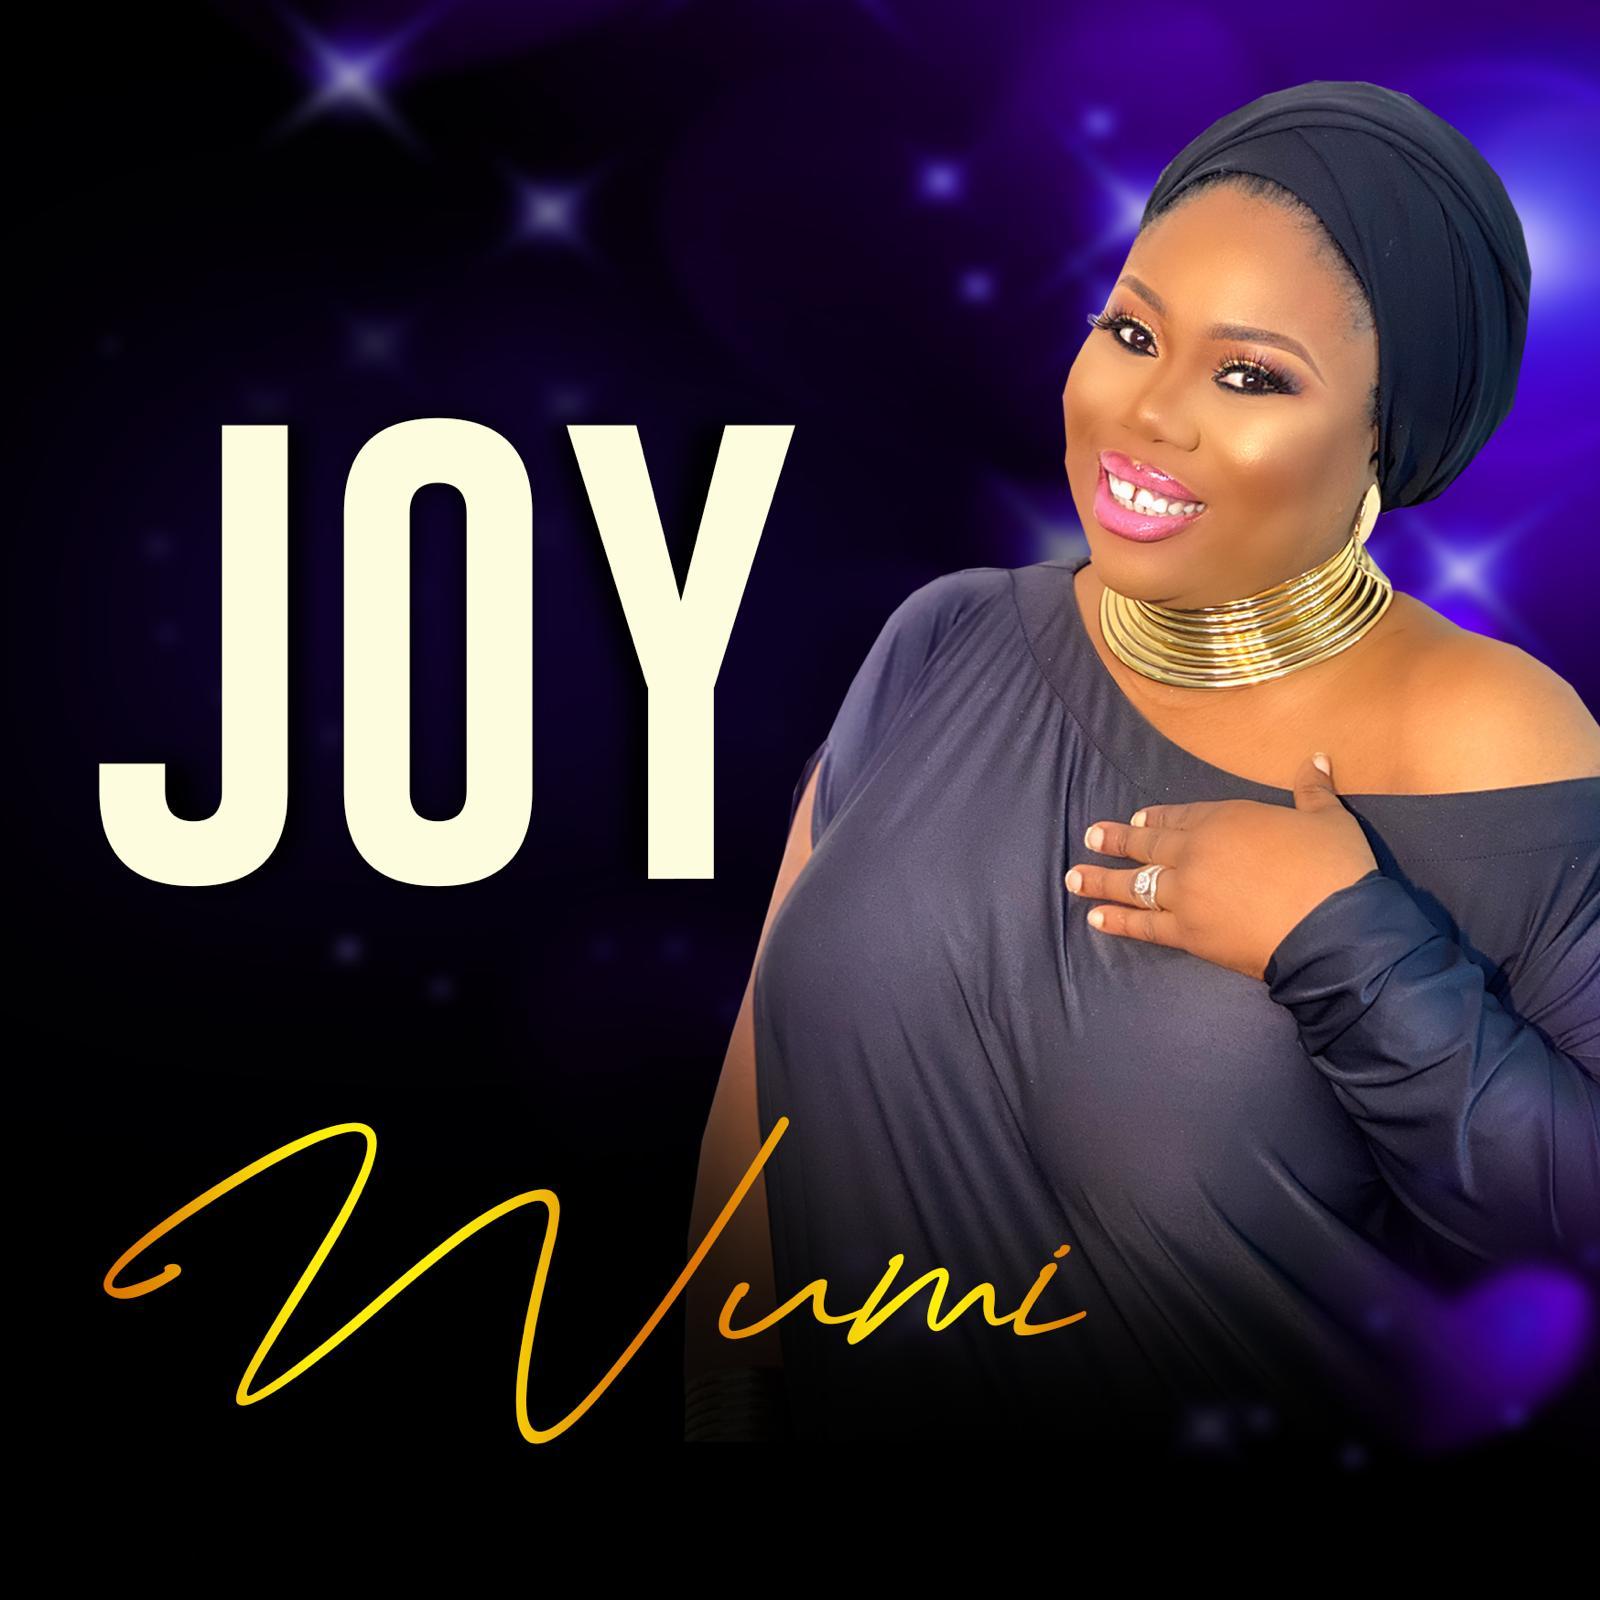 Wumi - Joy